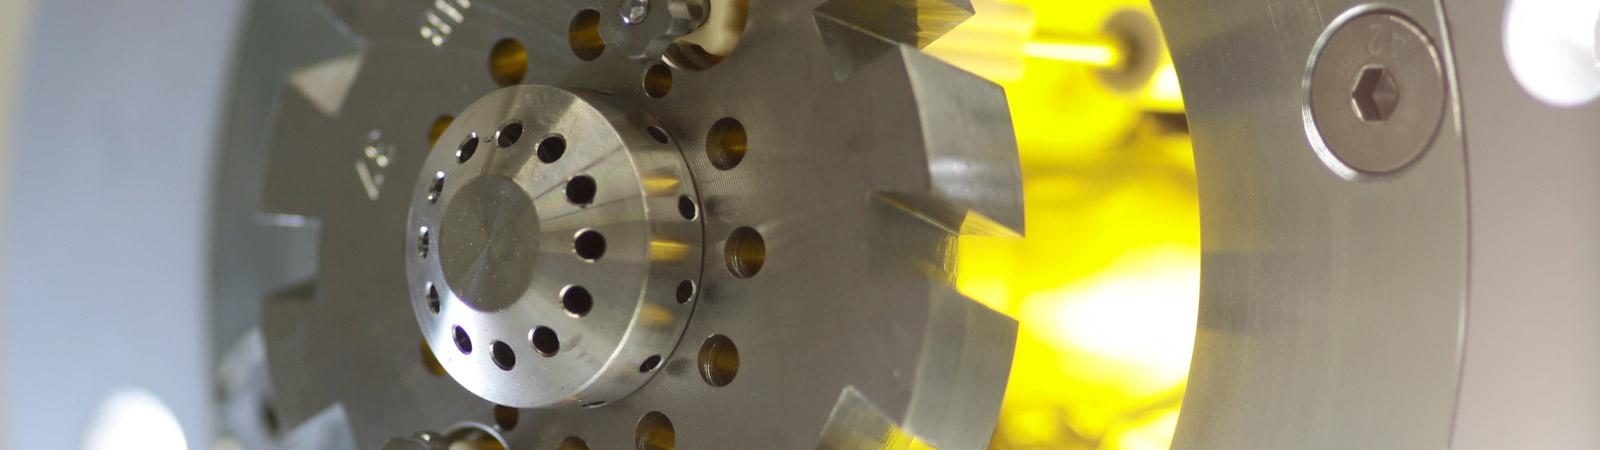 Regelmäßige Wartungen und Optimierungen an Industrieöfen